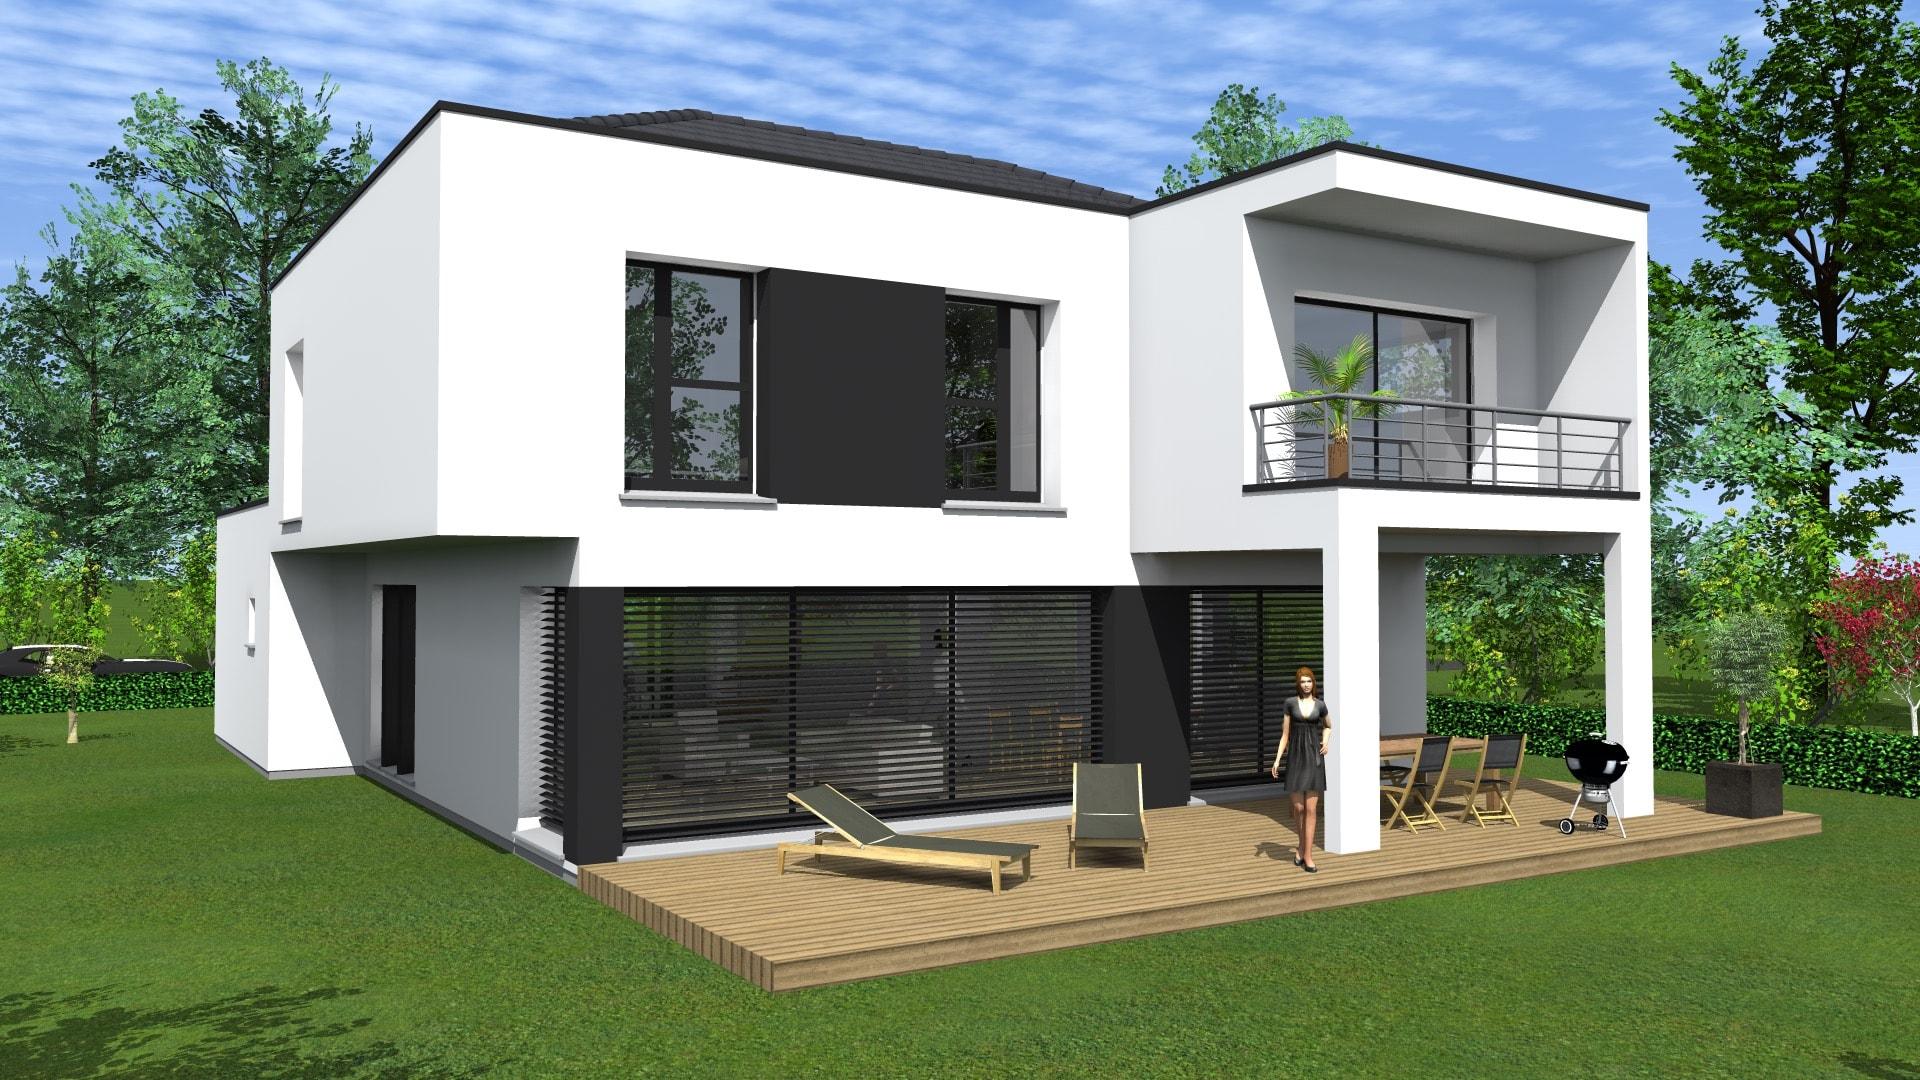 Maison Contemporaine Toit Terrasse cabinet de maitrise d'oeuvre c² | projet d'une maison